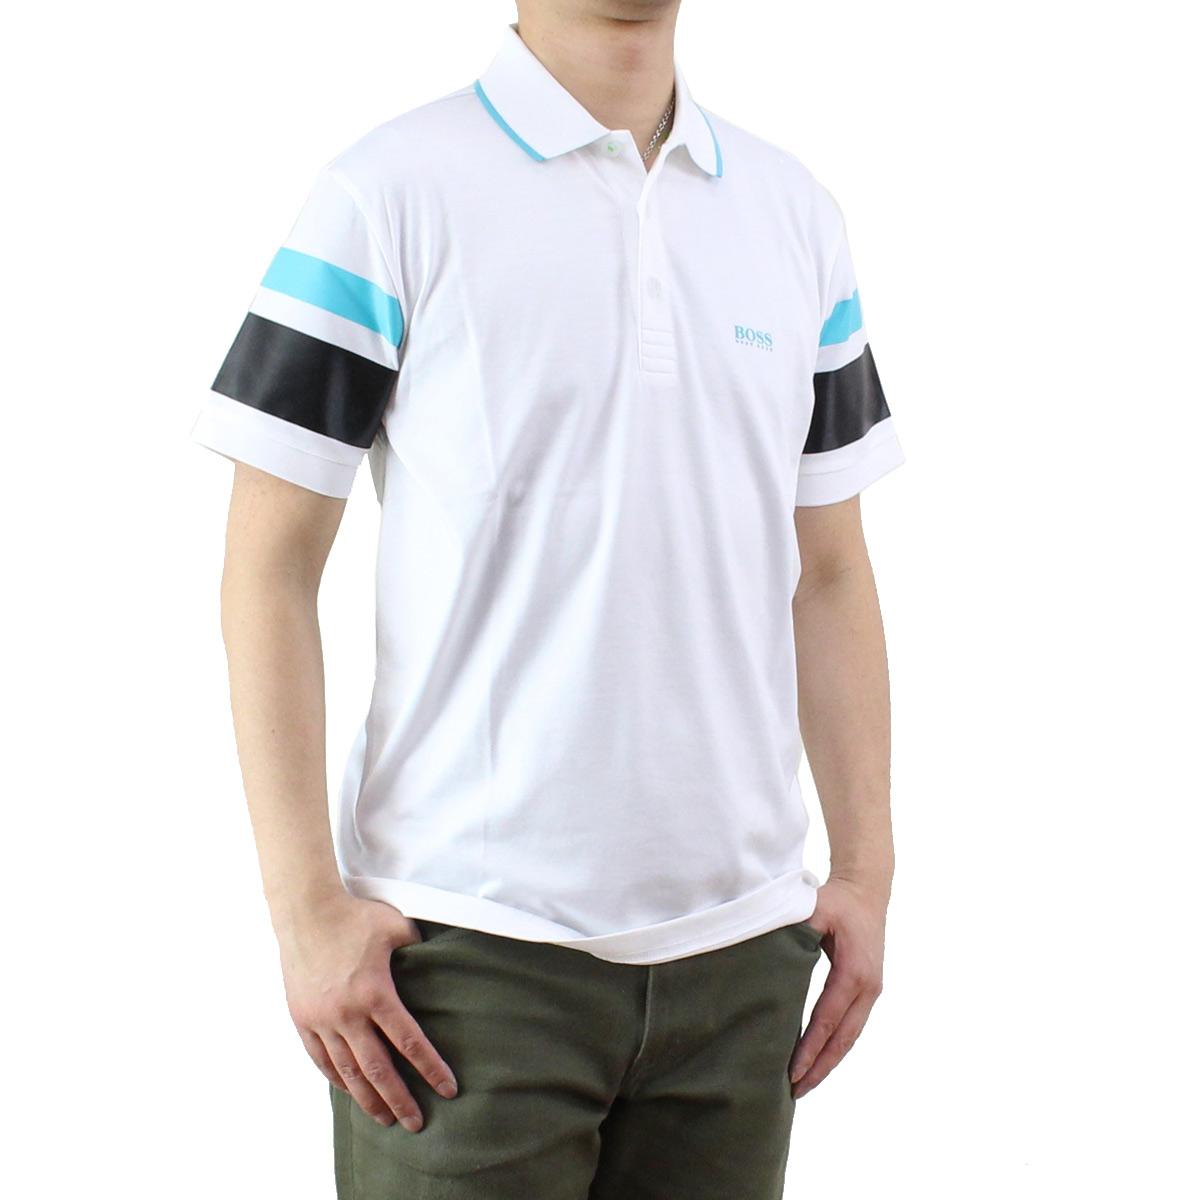 ヒューゴ ボス HUGO BOSS PADDY 5 メンズ ポロシャツ 50329638 10175216 100 ホワイト系 メンズ 半袖 ゴルフウェア【キャッシュレス 5% 還元】